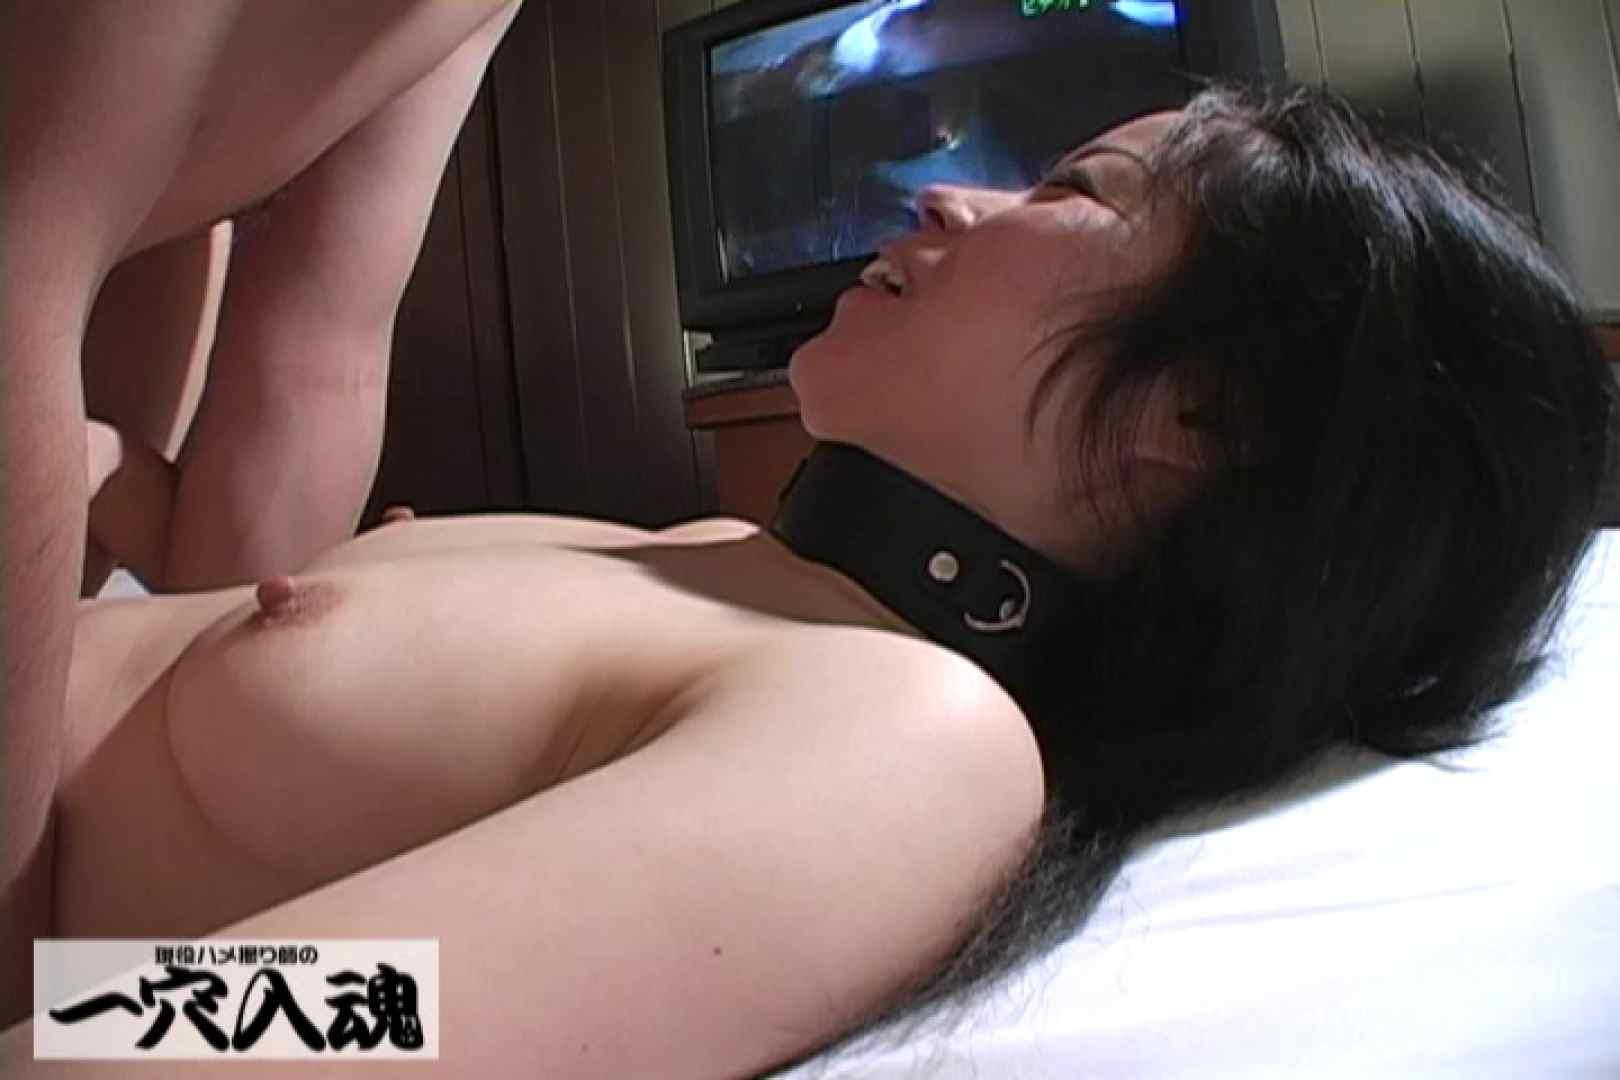 一穴入魂 菅田君の母さんに入魂2 口内発射 | 一般投稿  108pic 91